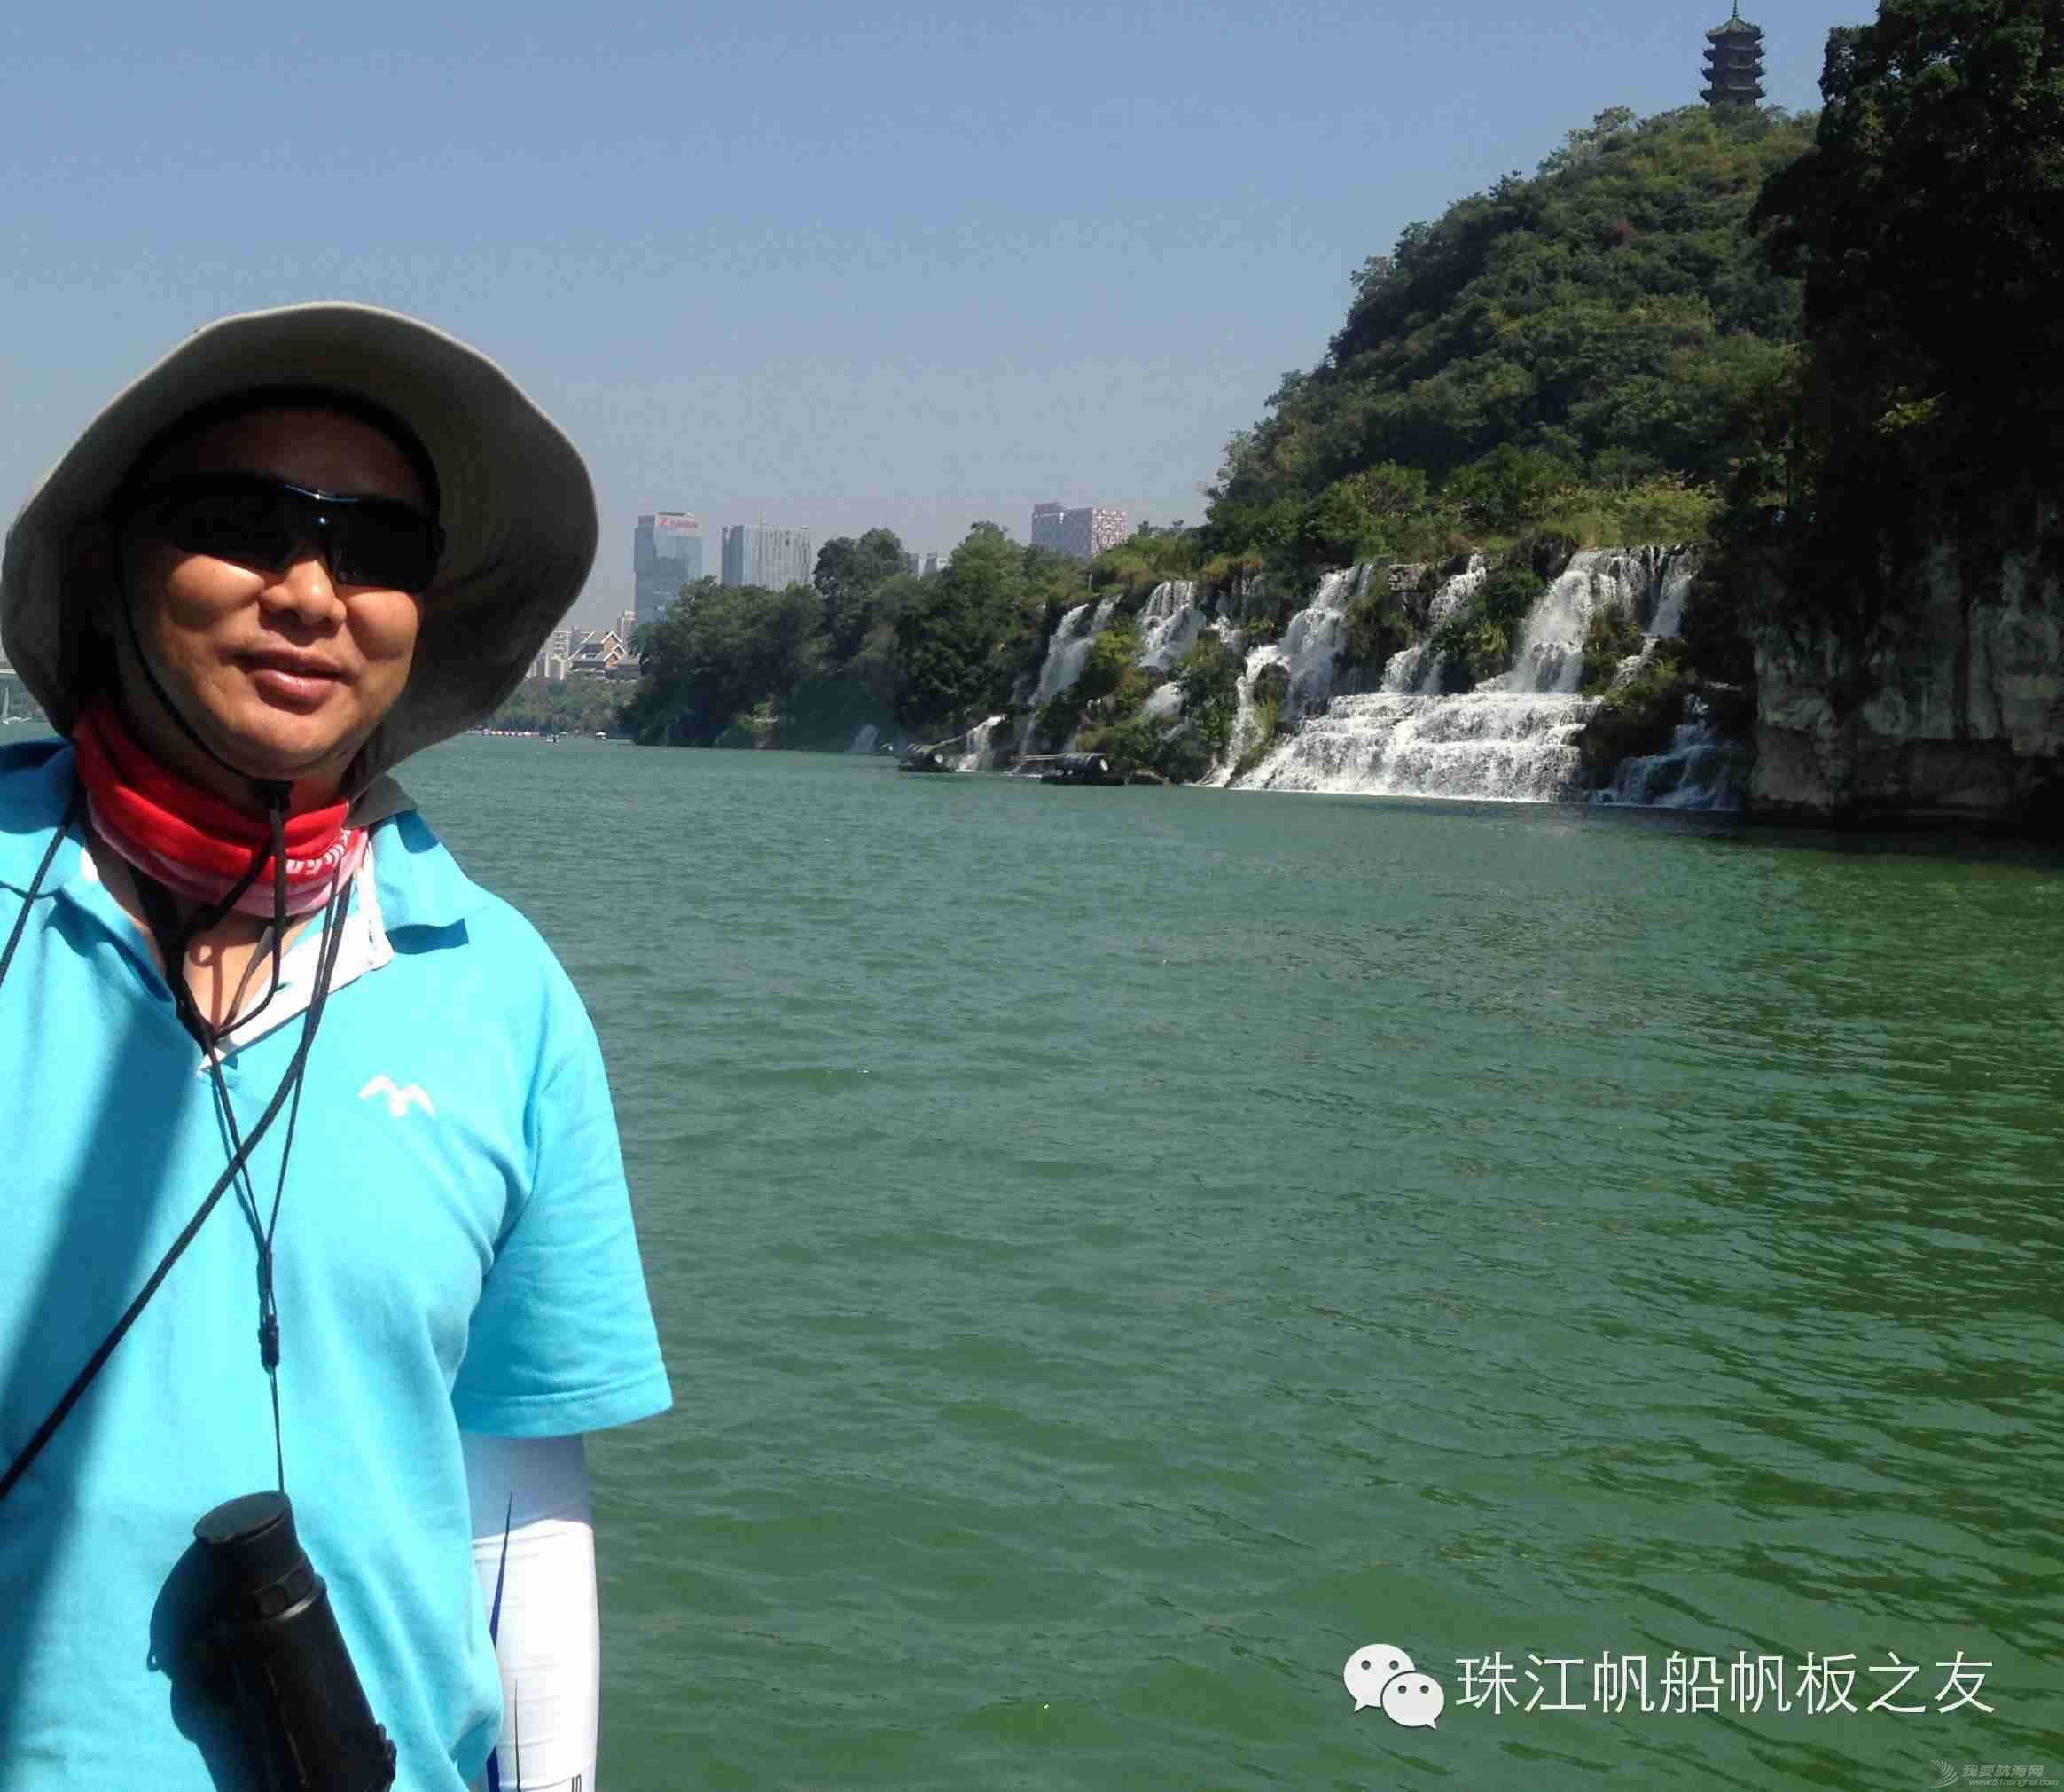 广州帆协在柳州第五届帆船赛 3502282a4deb31120614bcd4d878477a.jpg